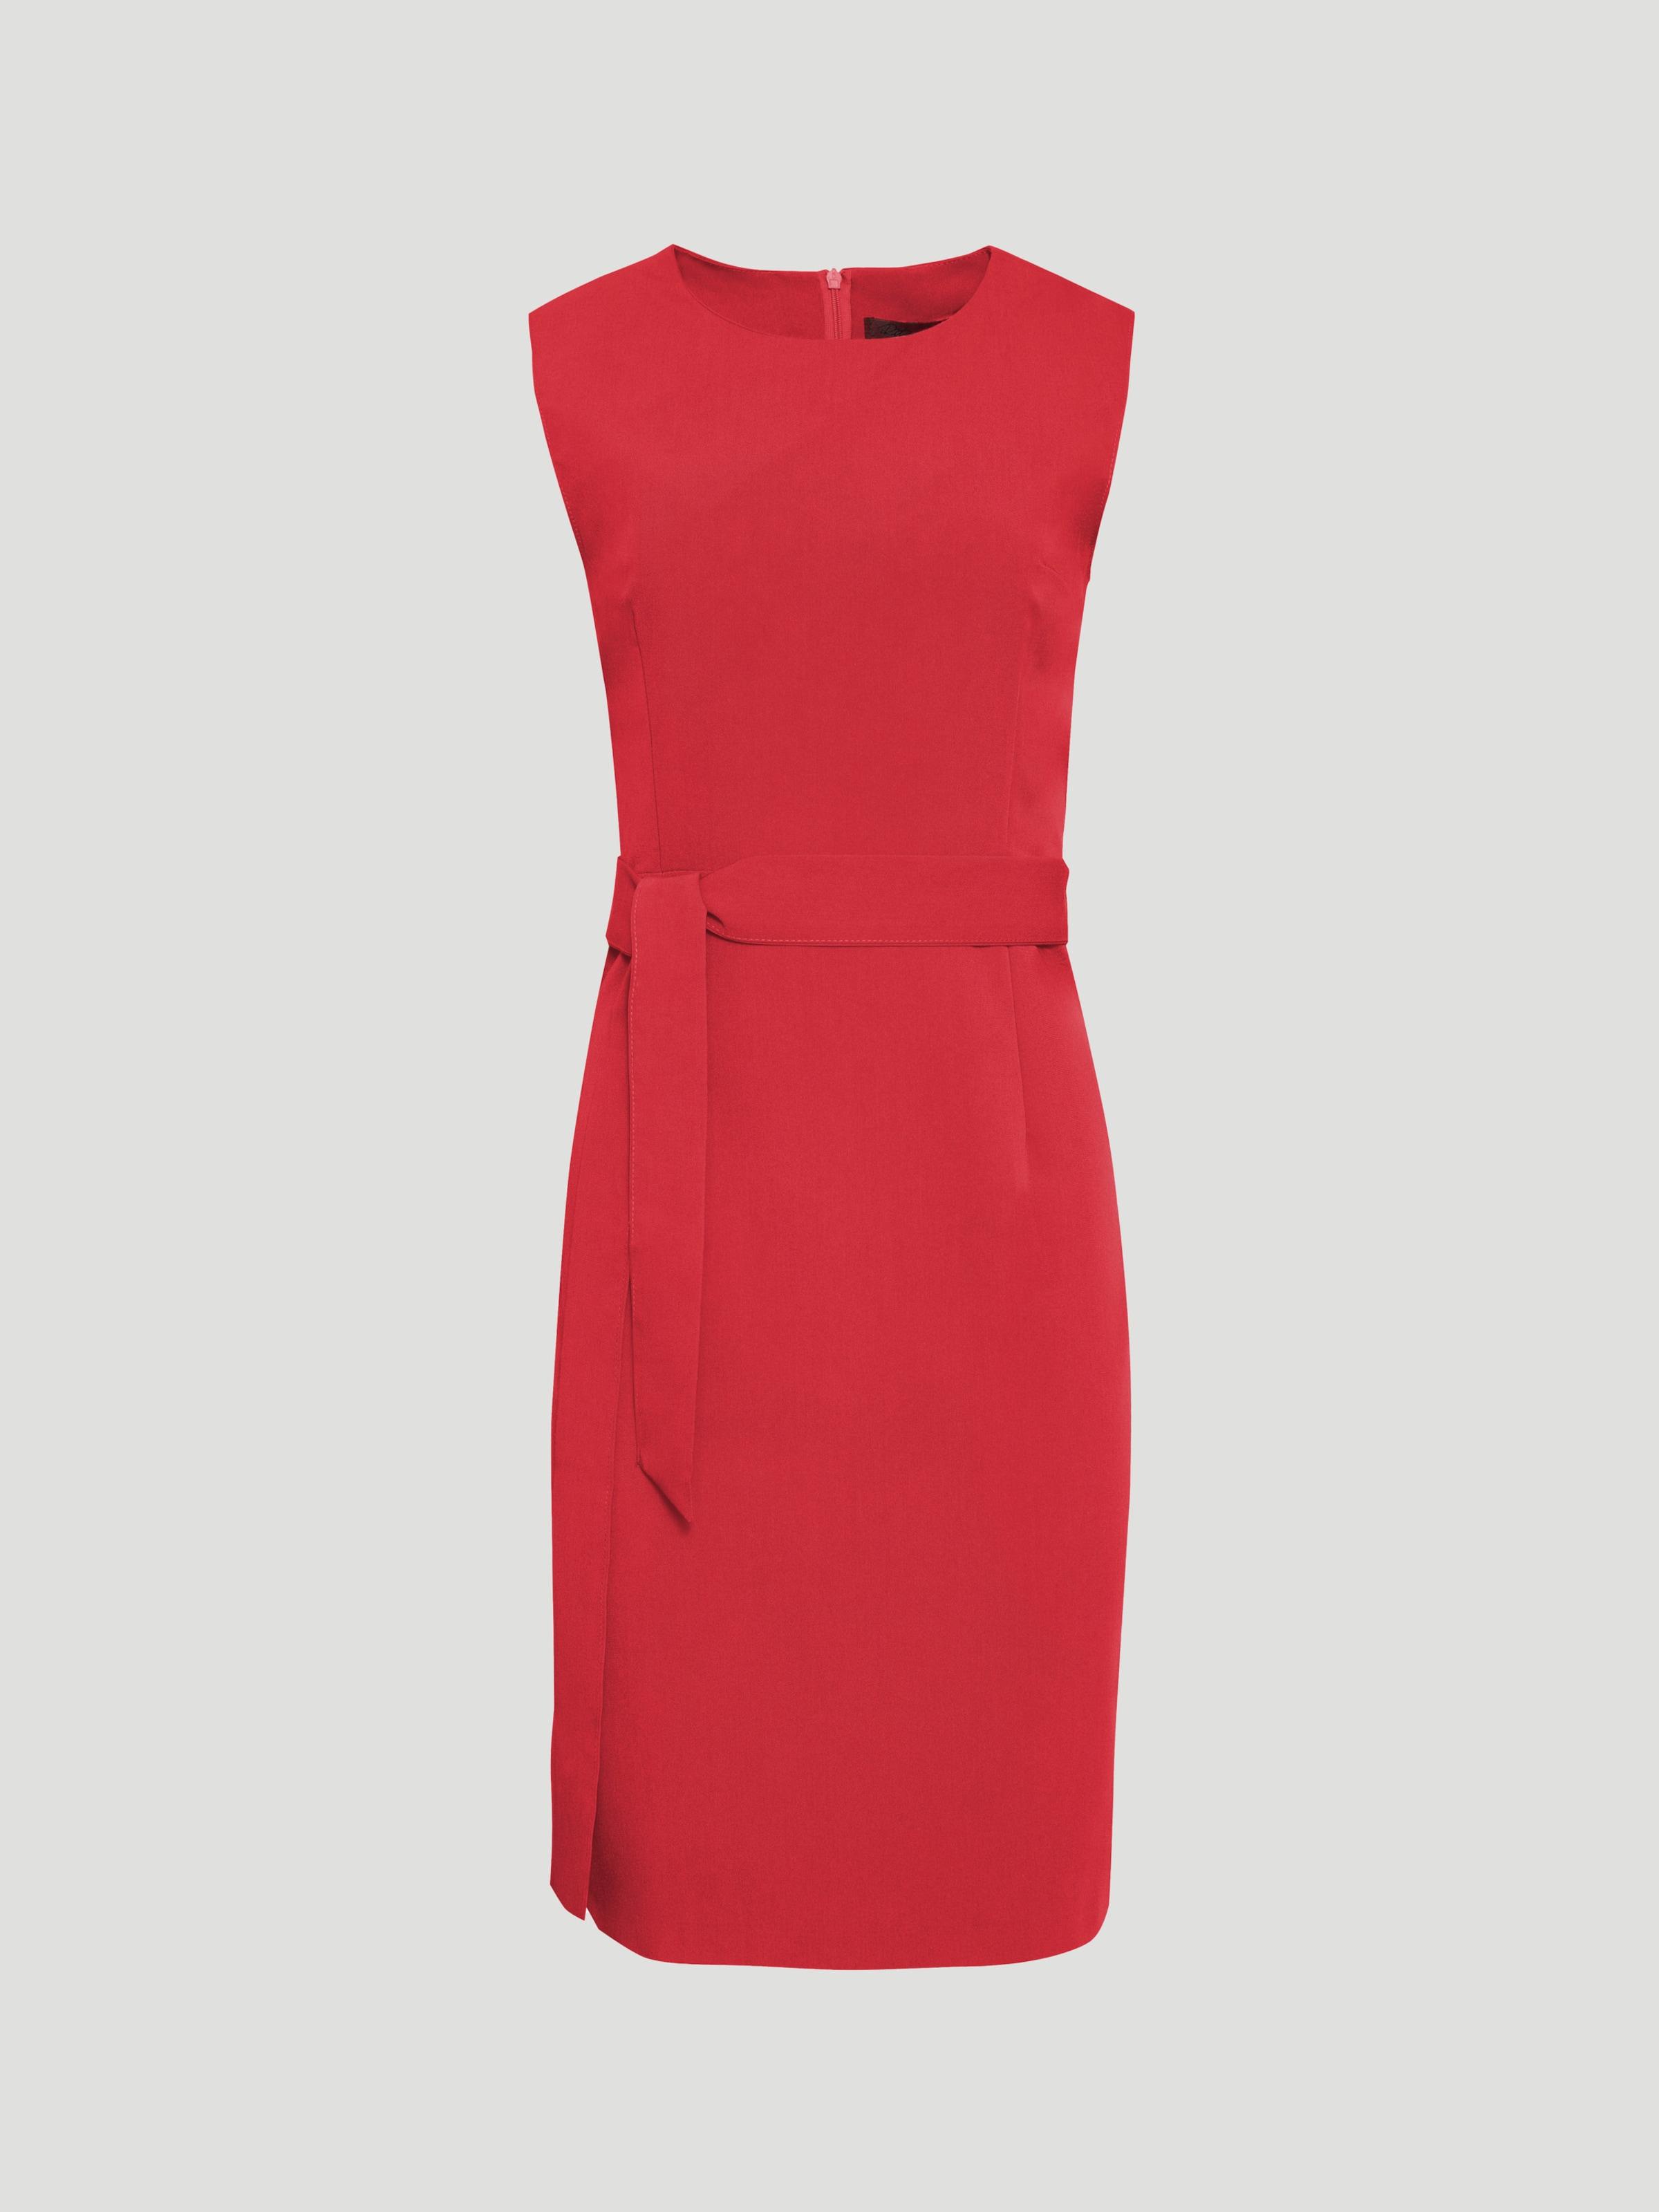 Faina Kleid Rot Kleid In Faina byf6v7Yg